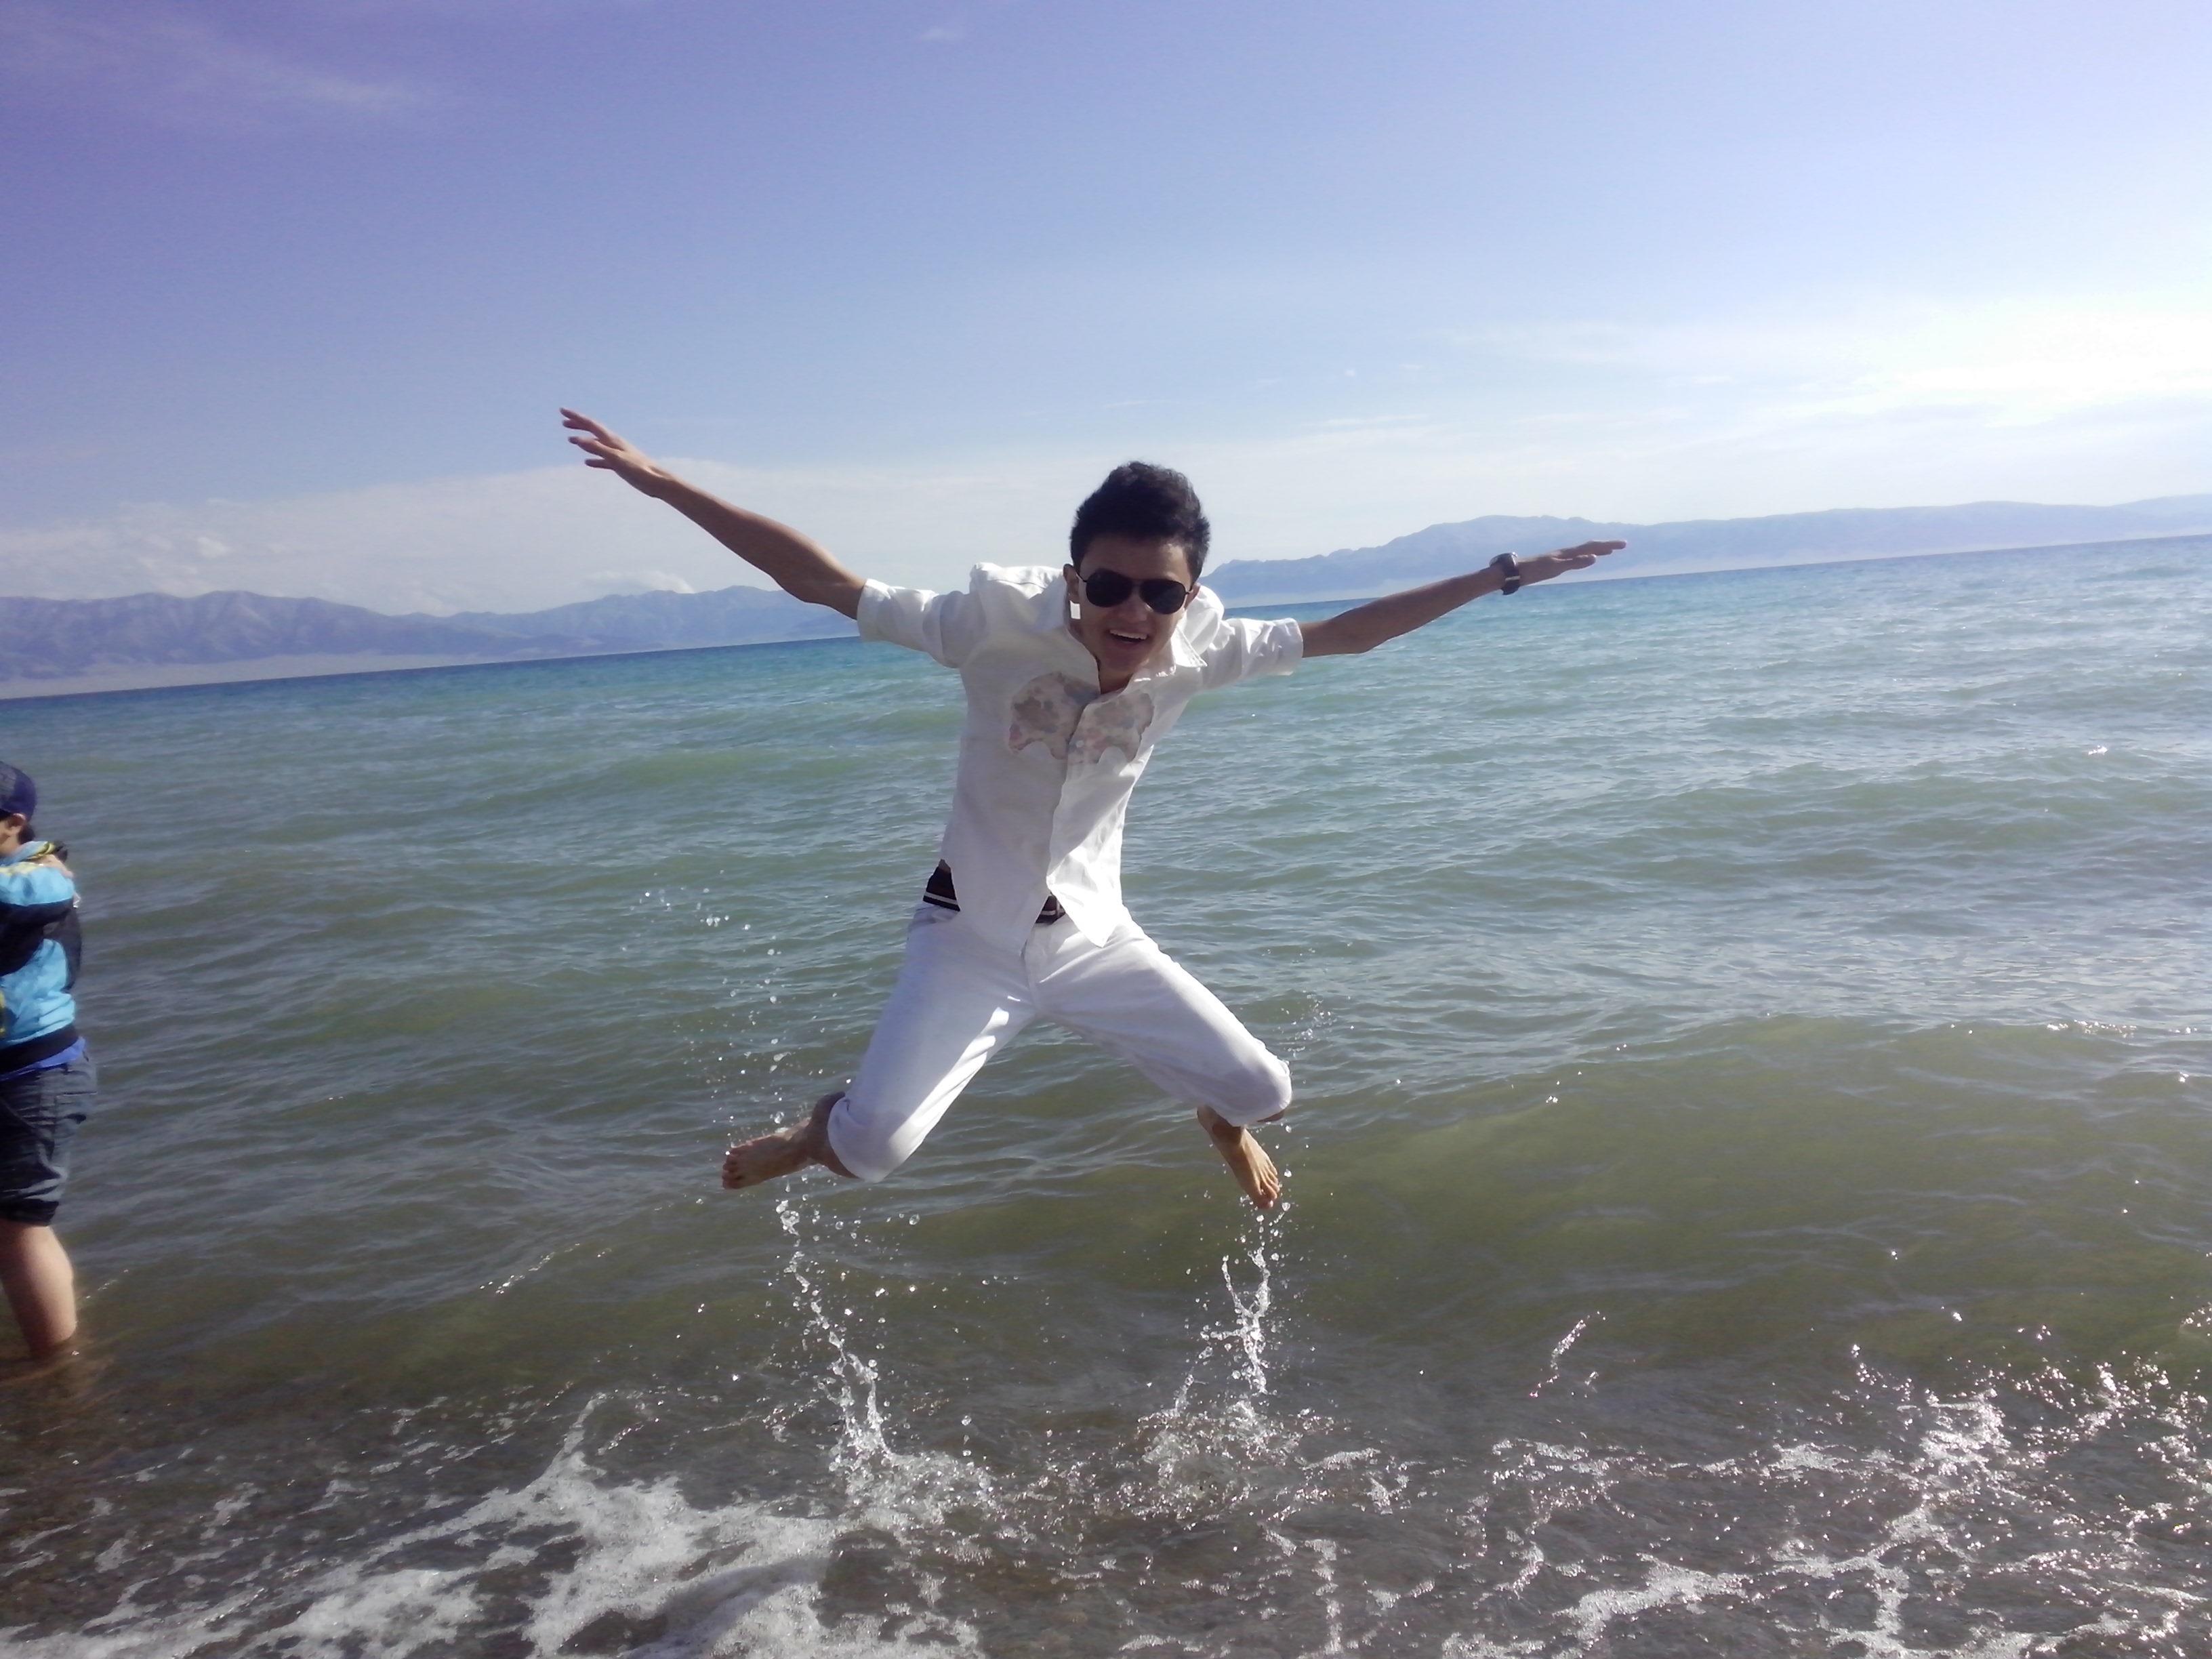 赛里木湖旅游景点攻攻略游戏agenta略图图片